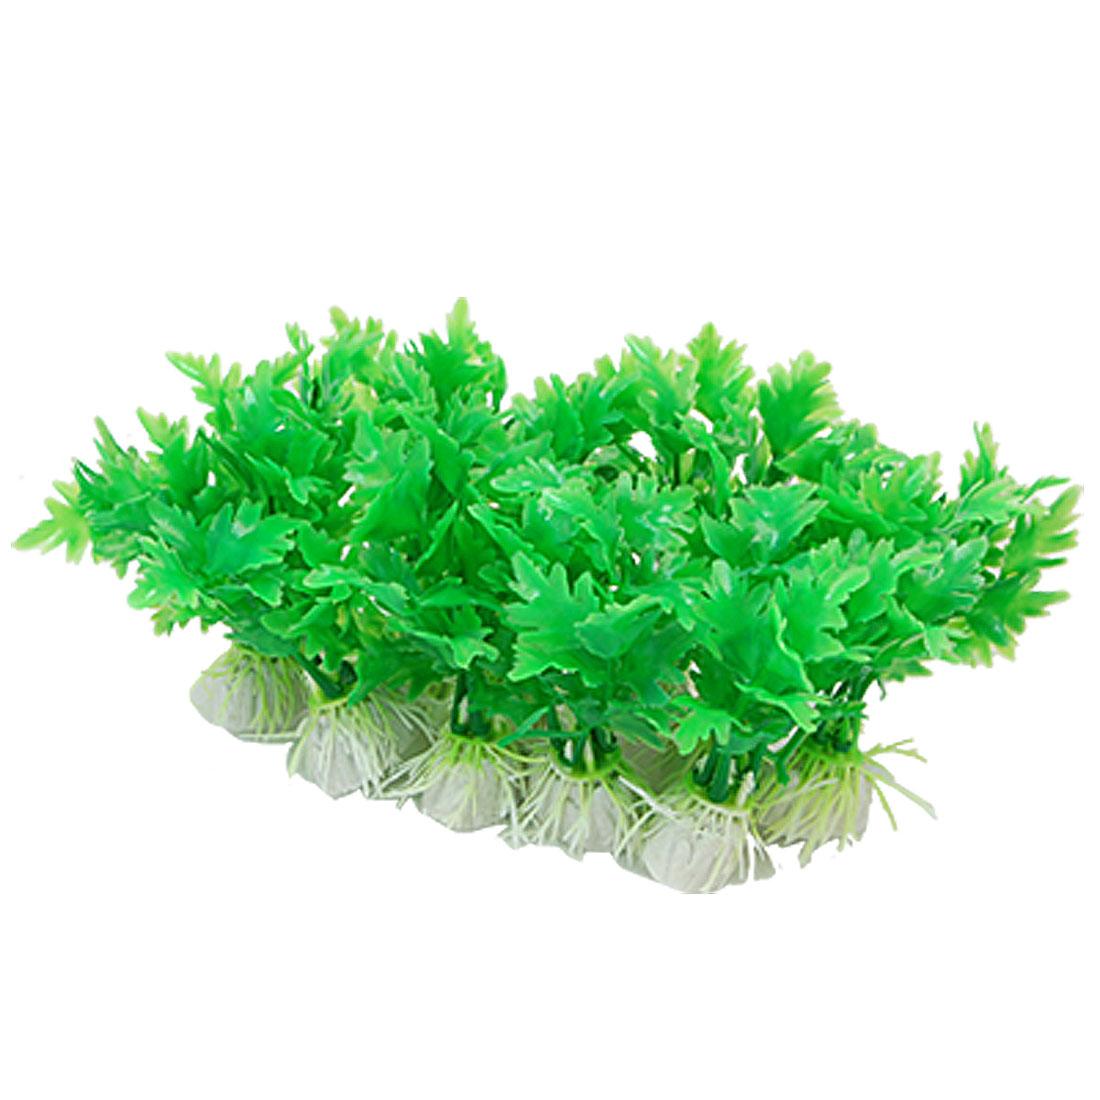 Green Plastic Plants Aquarium Fish Tank Ornament